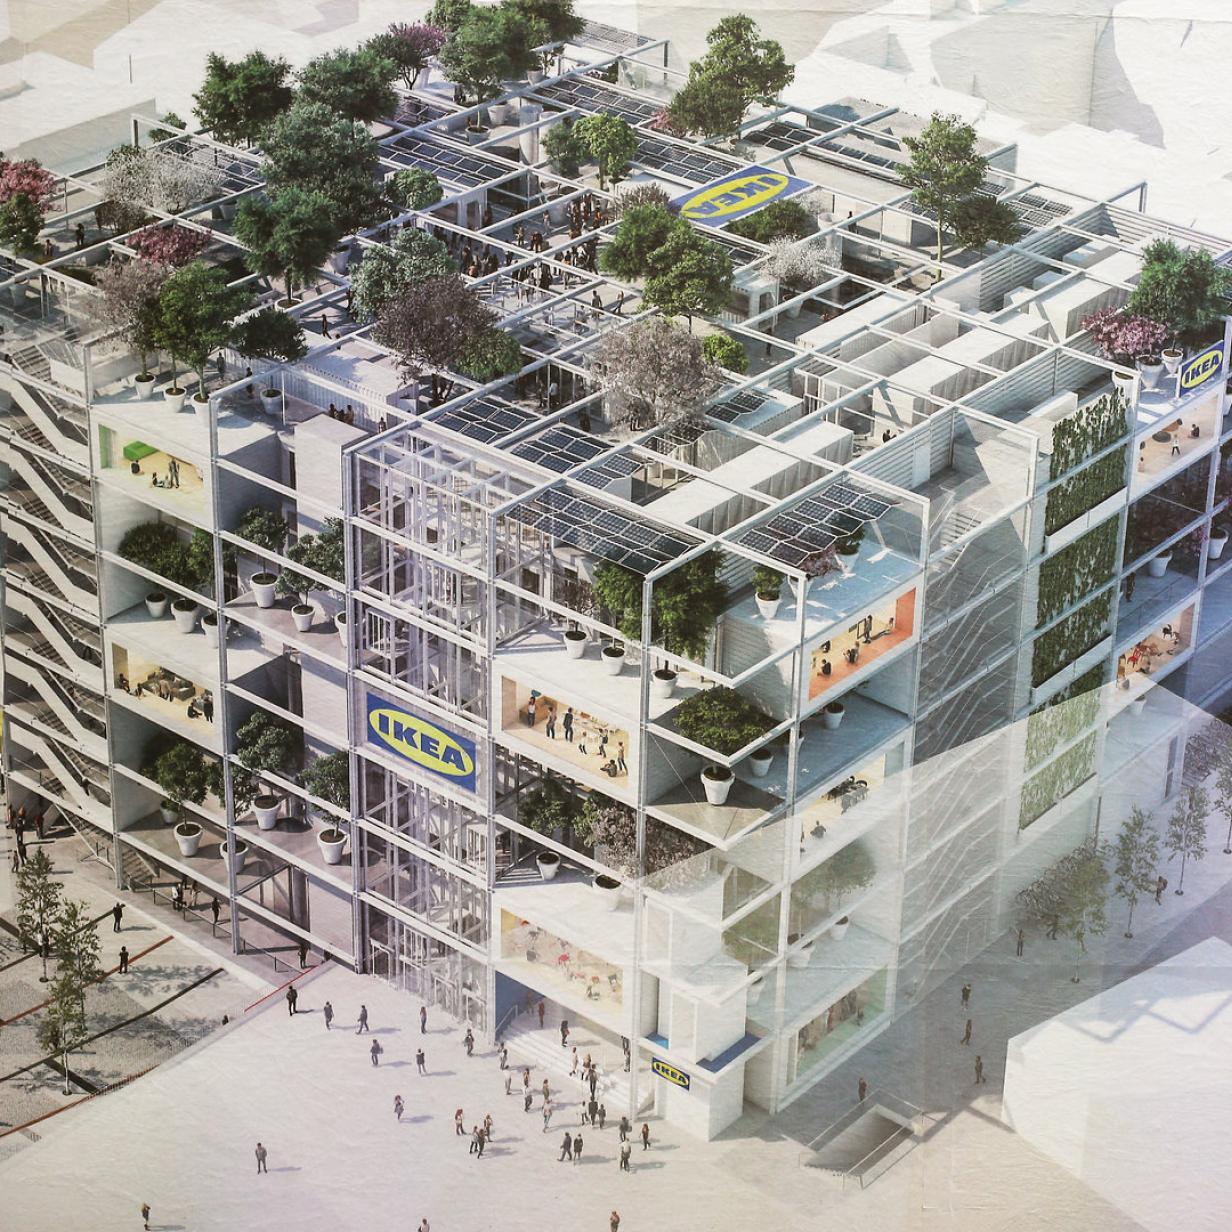 Ikea beim Westbahnhof: Hotel zieht in die oberen Stockwerke ein